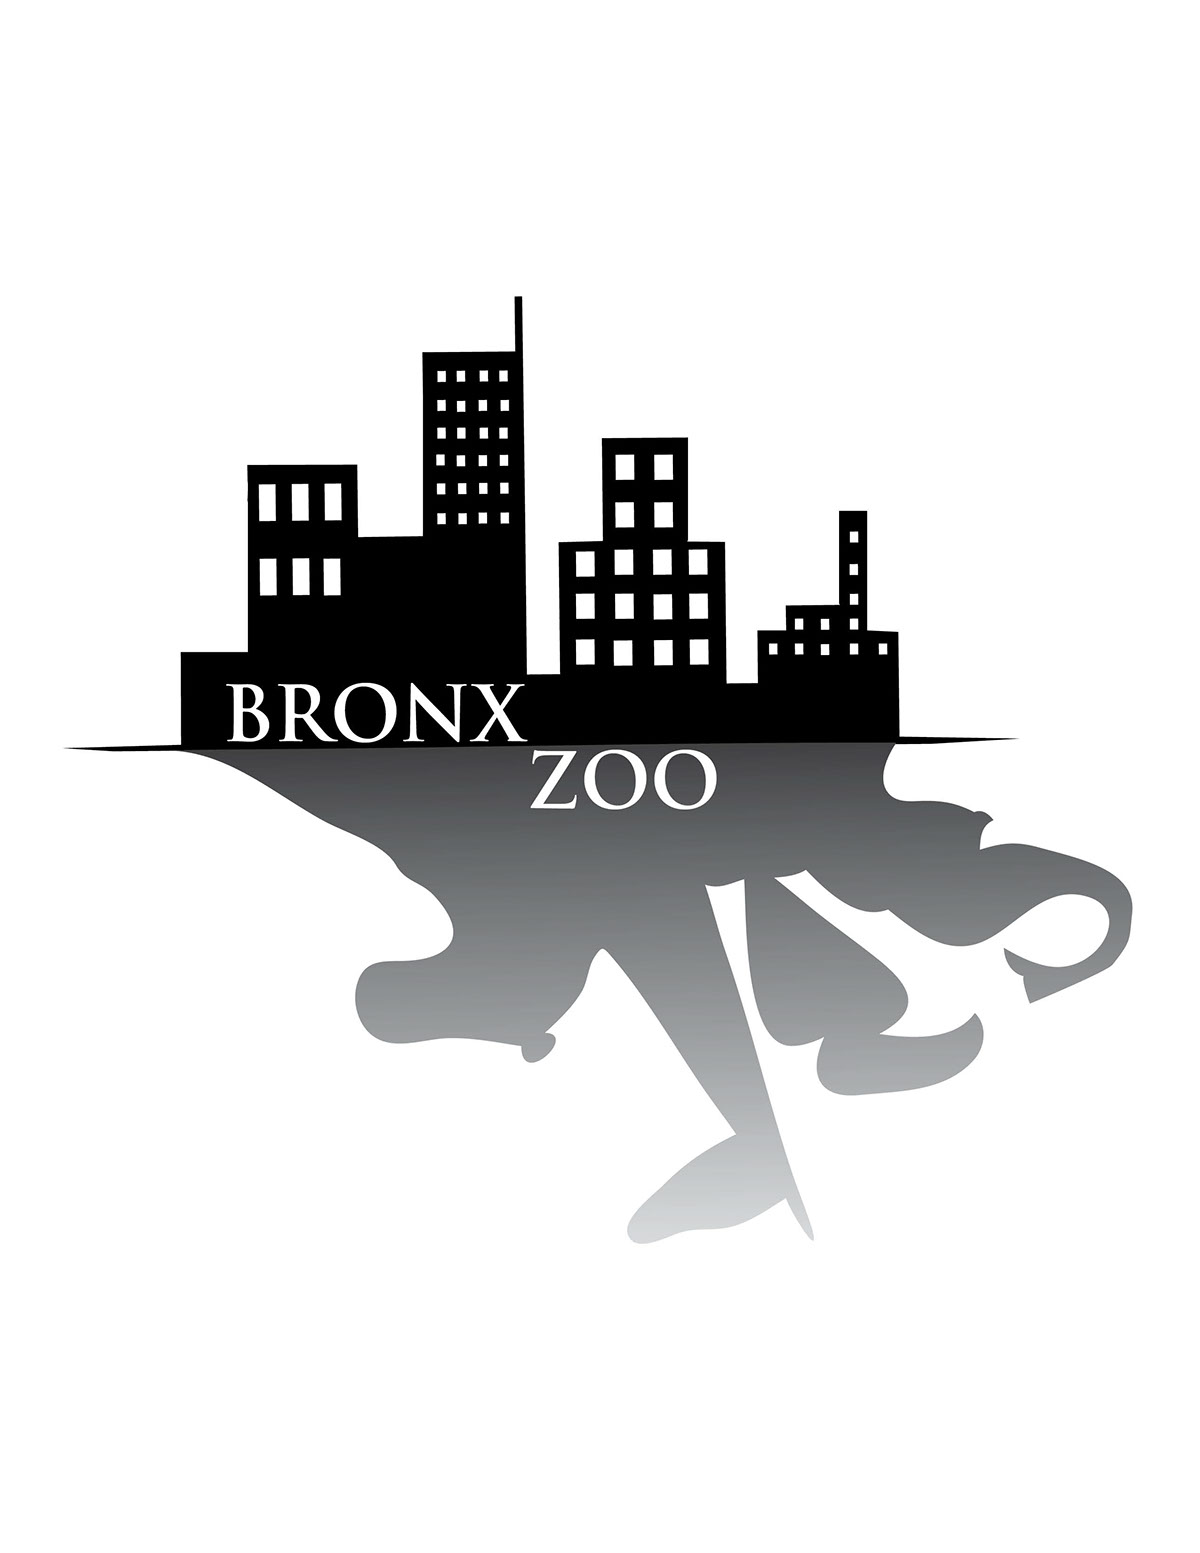 bronx zoo logo practice on behance